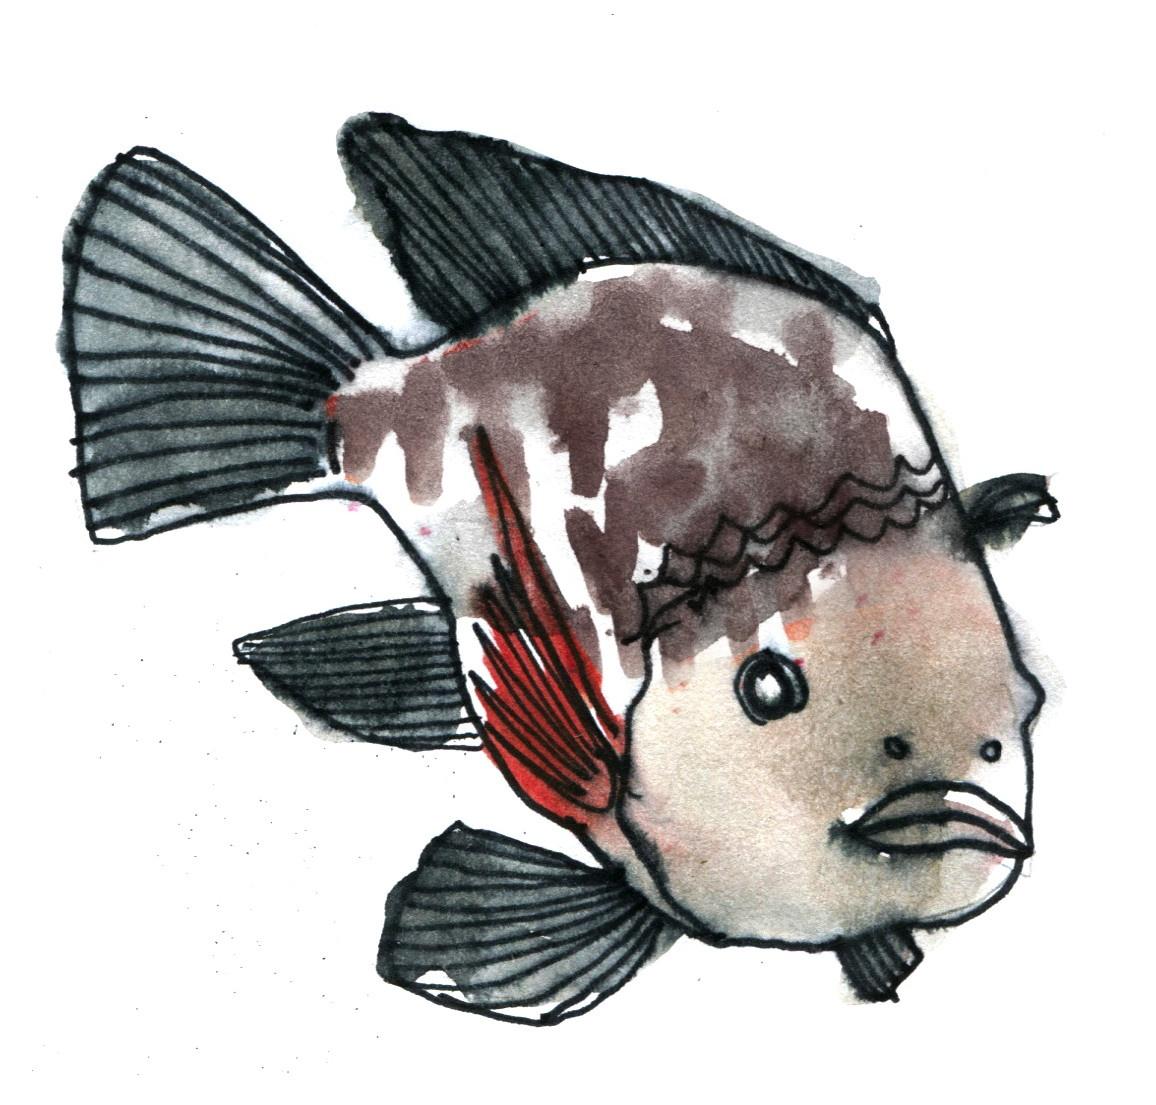 The Fish Ethology Database goes on